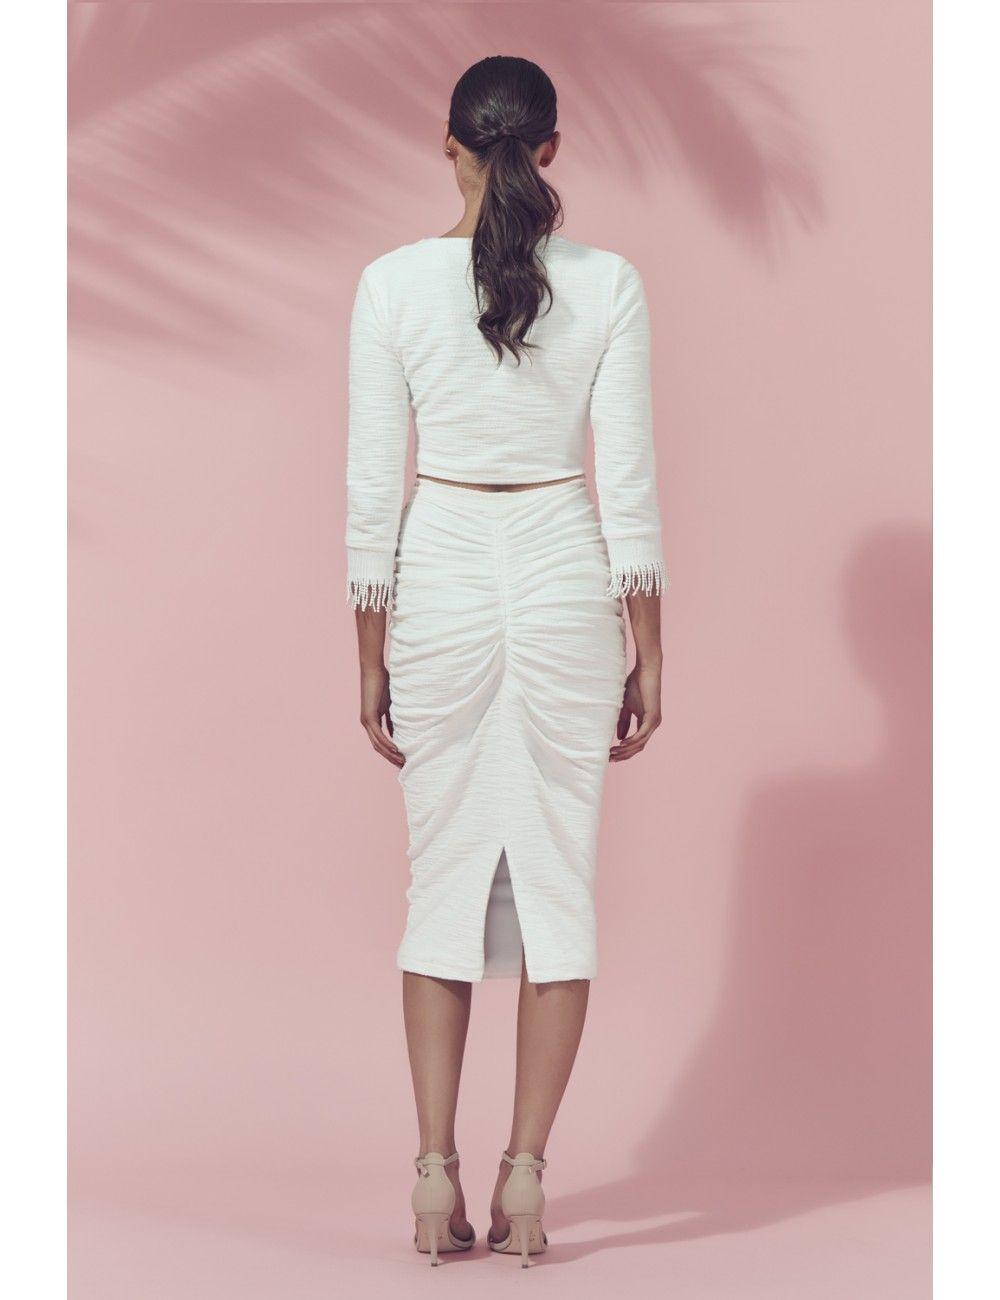 Kali Skirt — MATEA: Woman's designer fashion online | Australian designer woman's dresses | Timeless designer garments